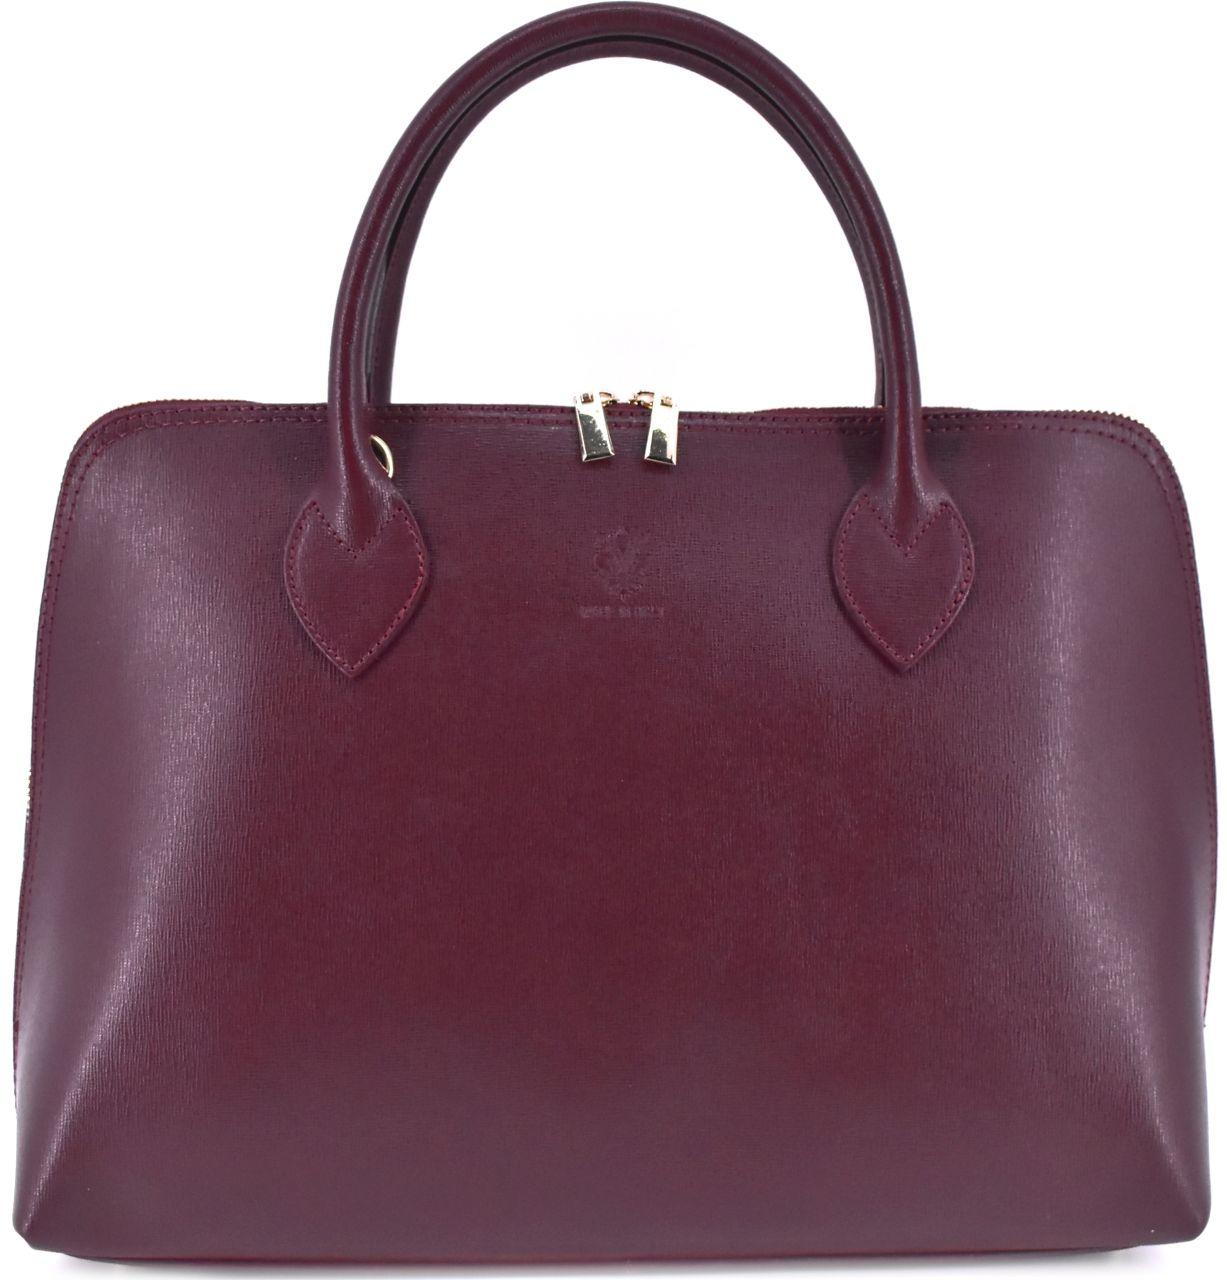 Dámská kožená kabelka Arteddy - vínová 32445